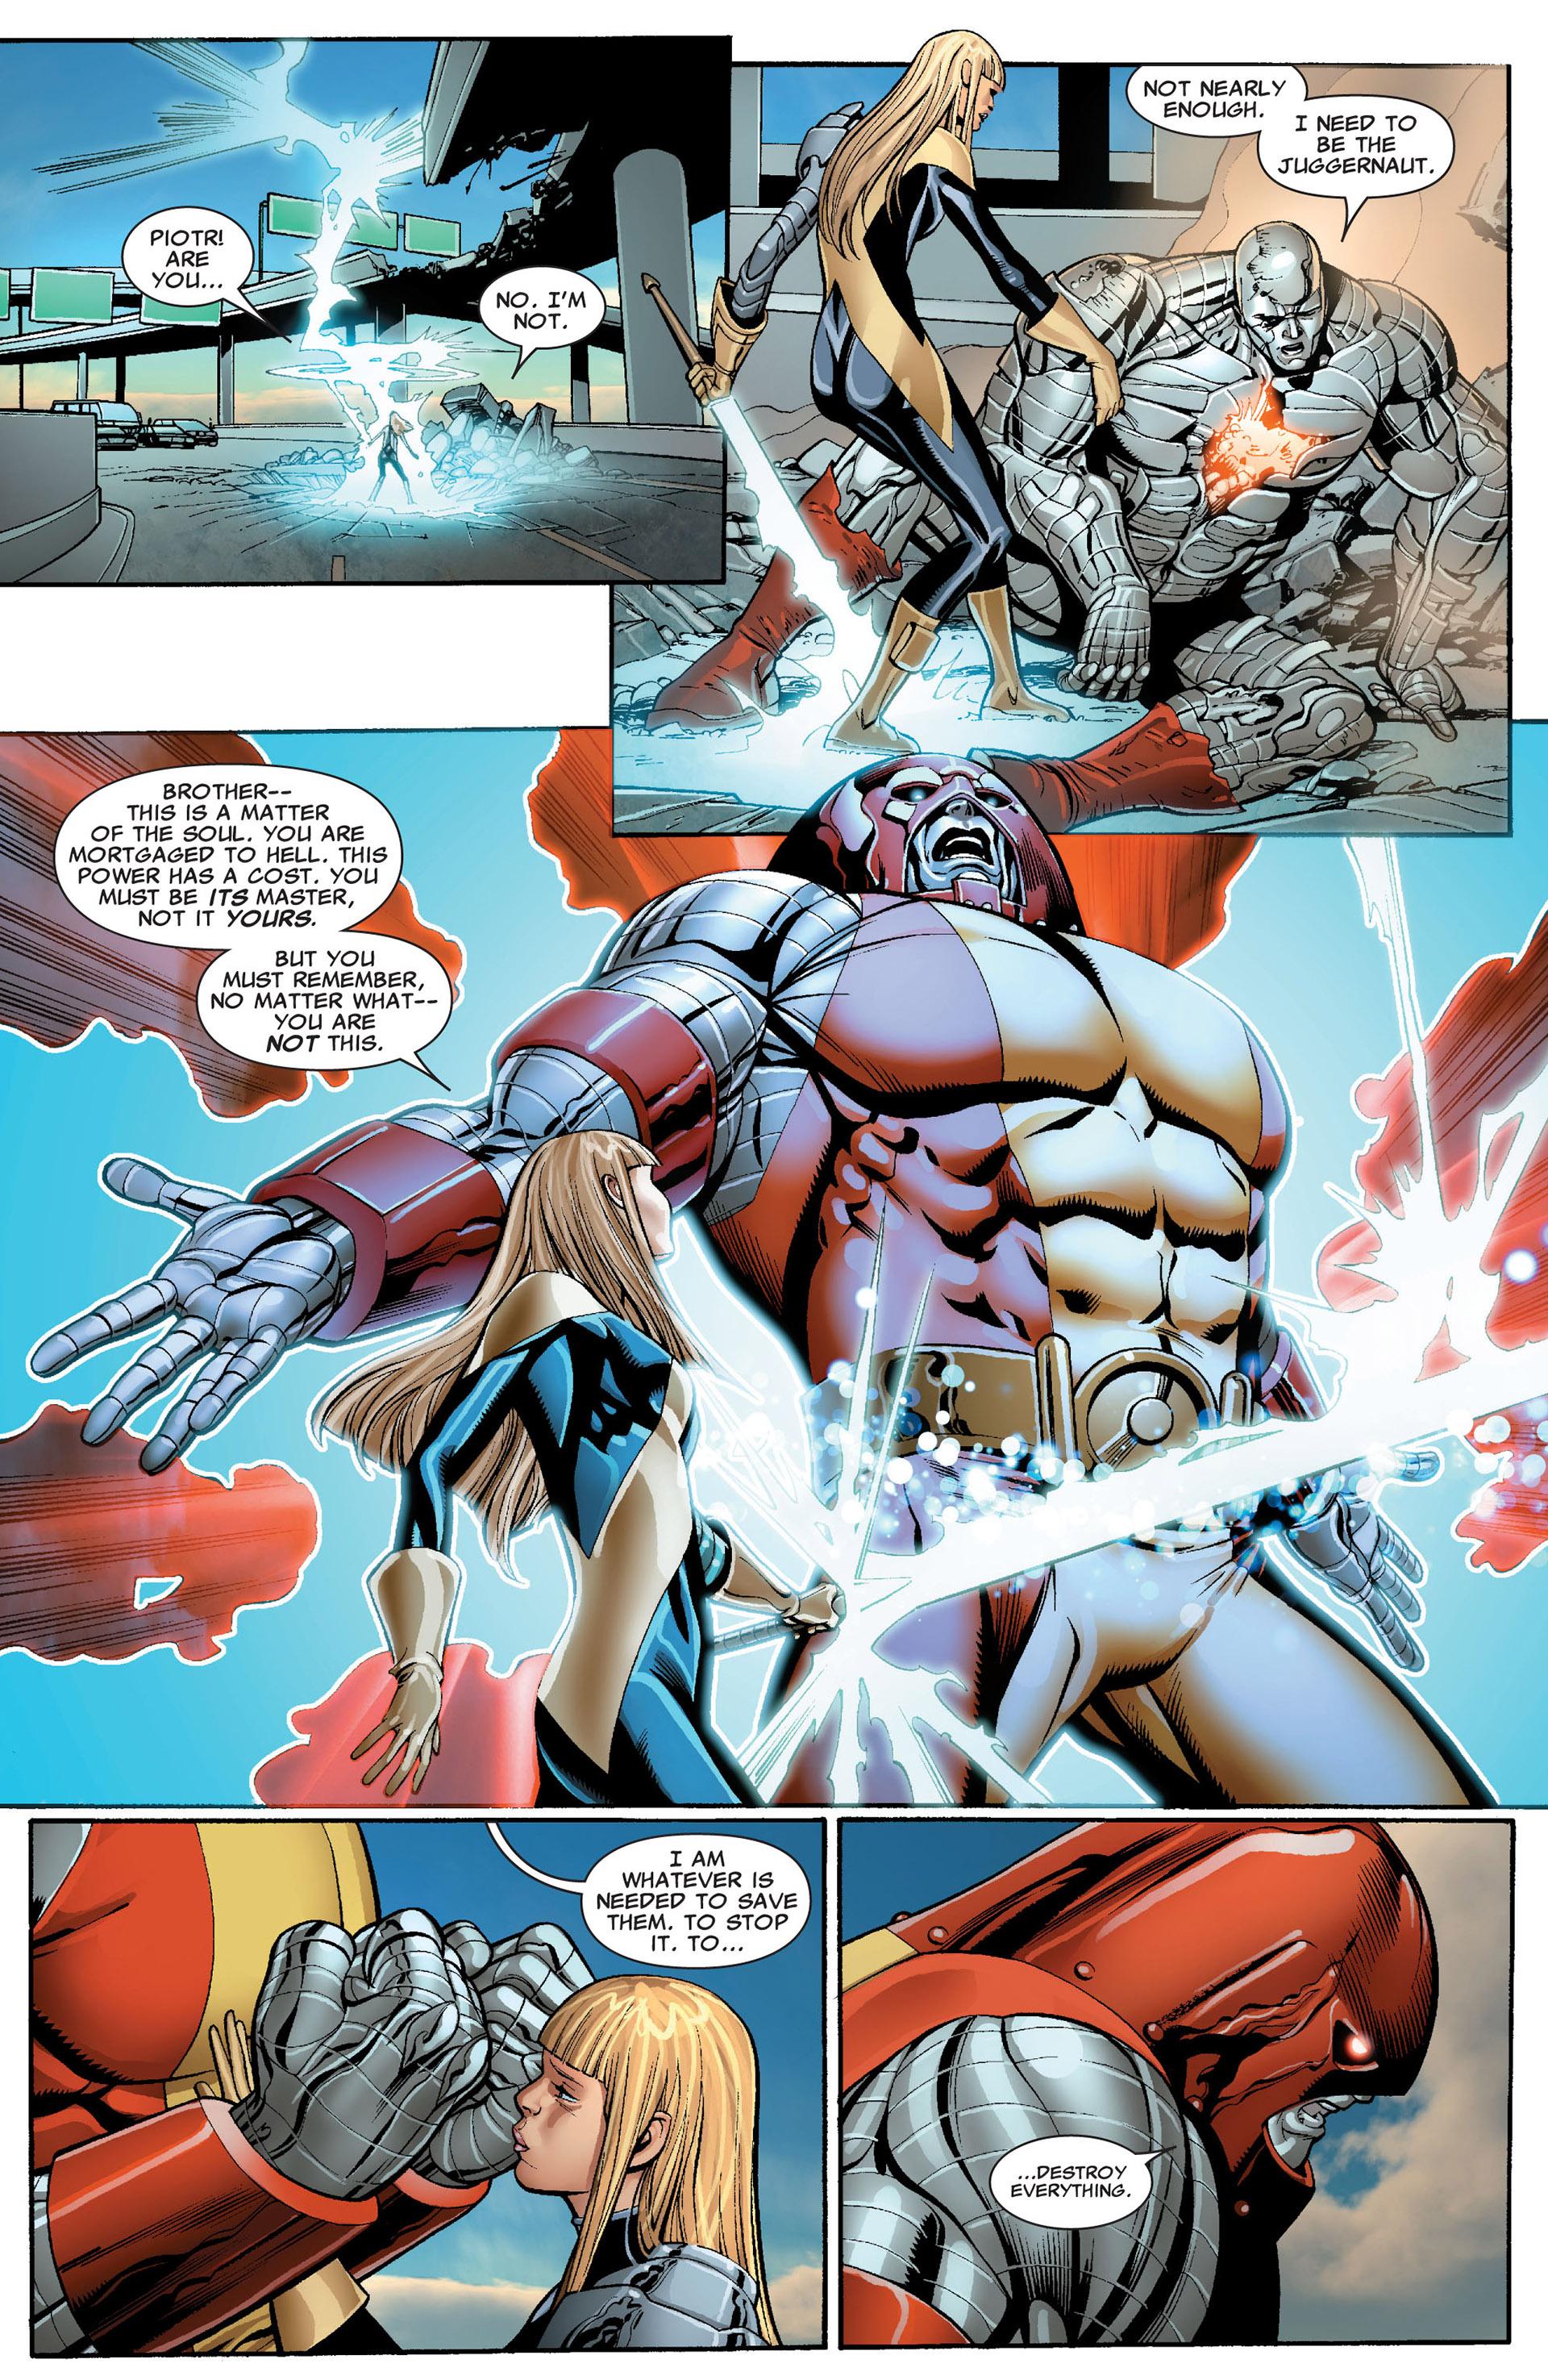 Read online Uncanny X-Men (2012) comic -  Issue #1 - 23